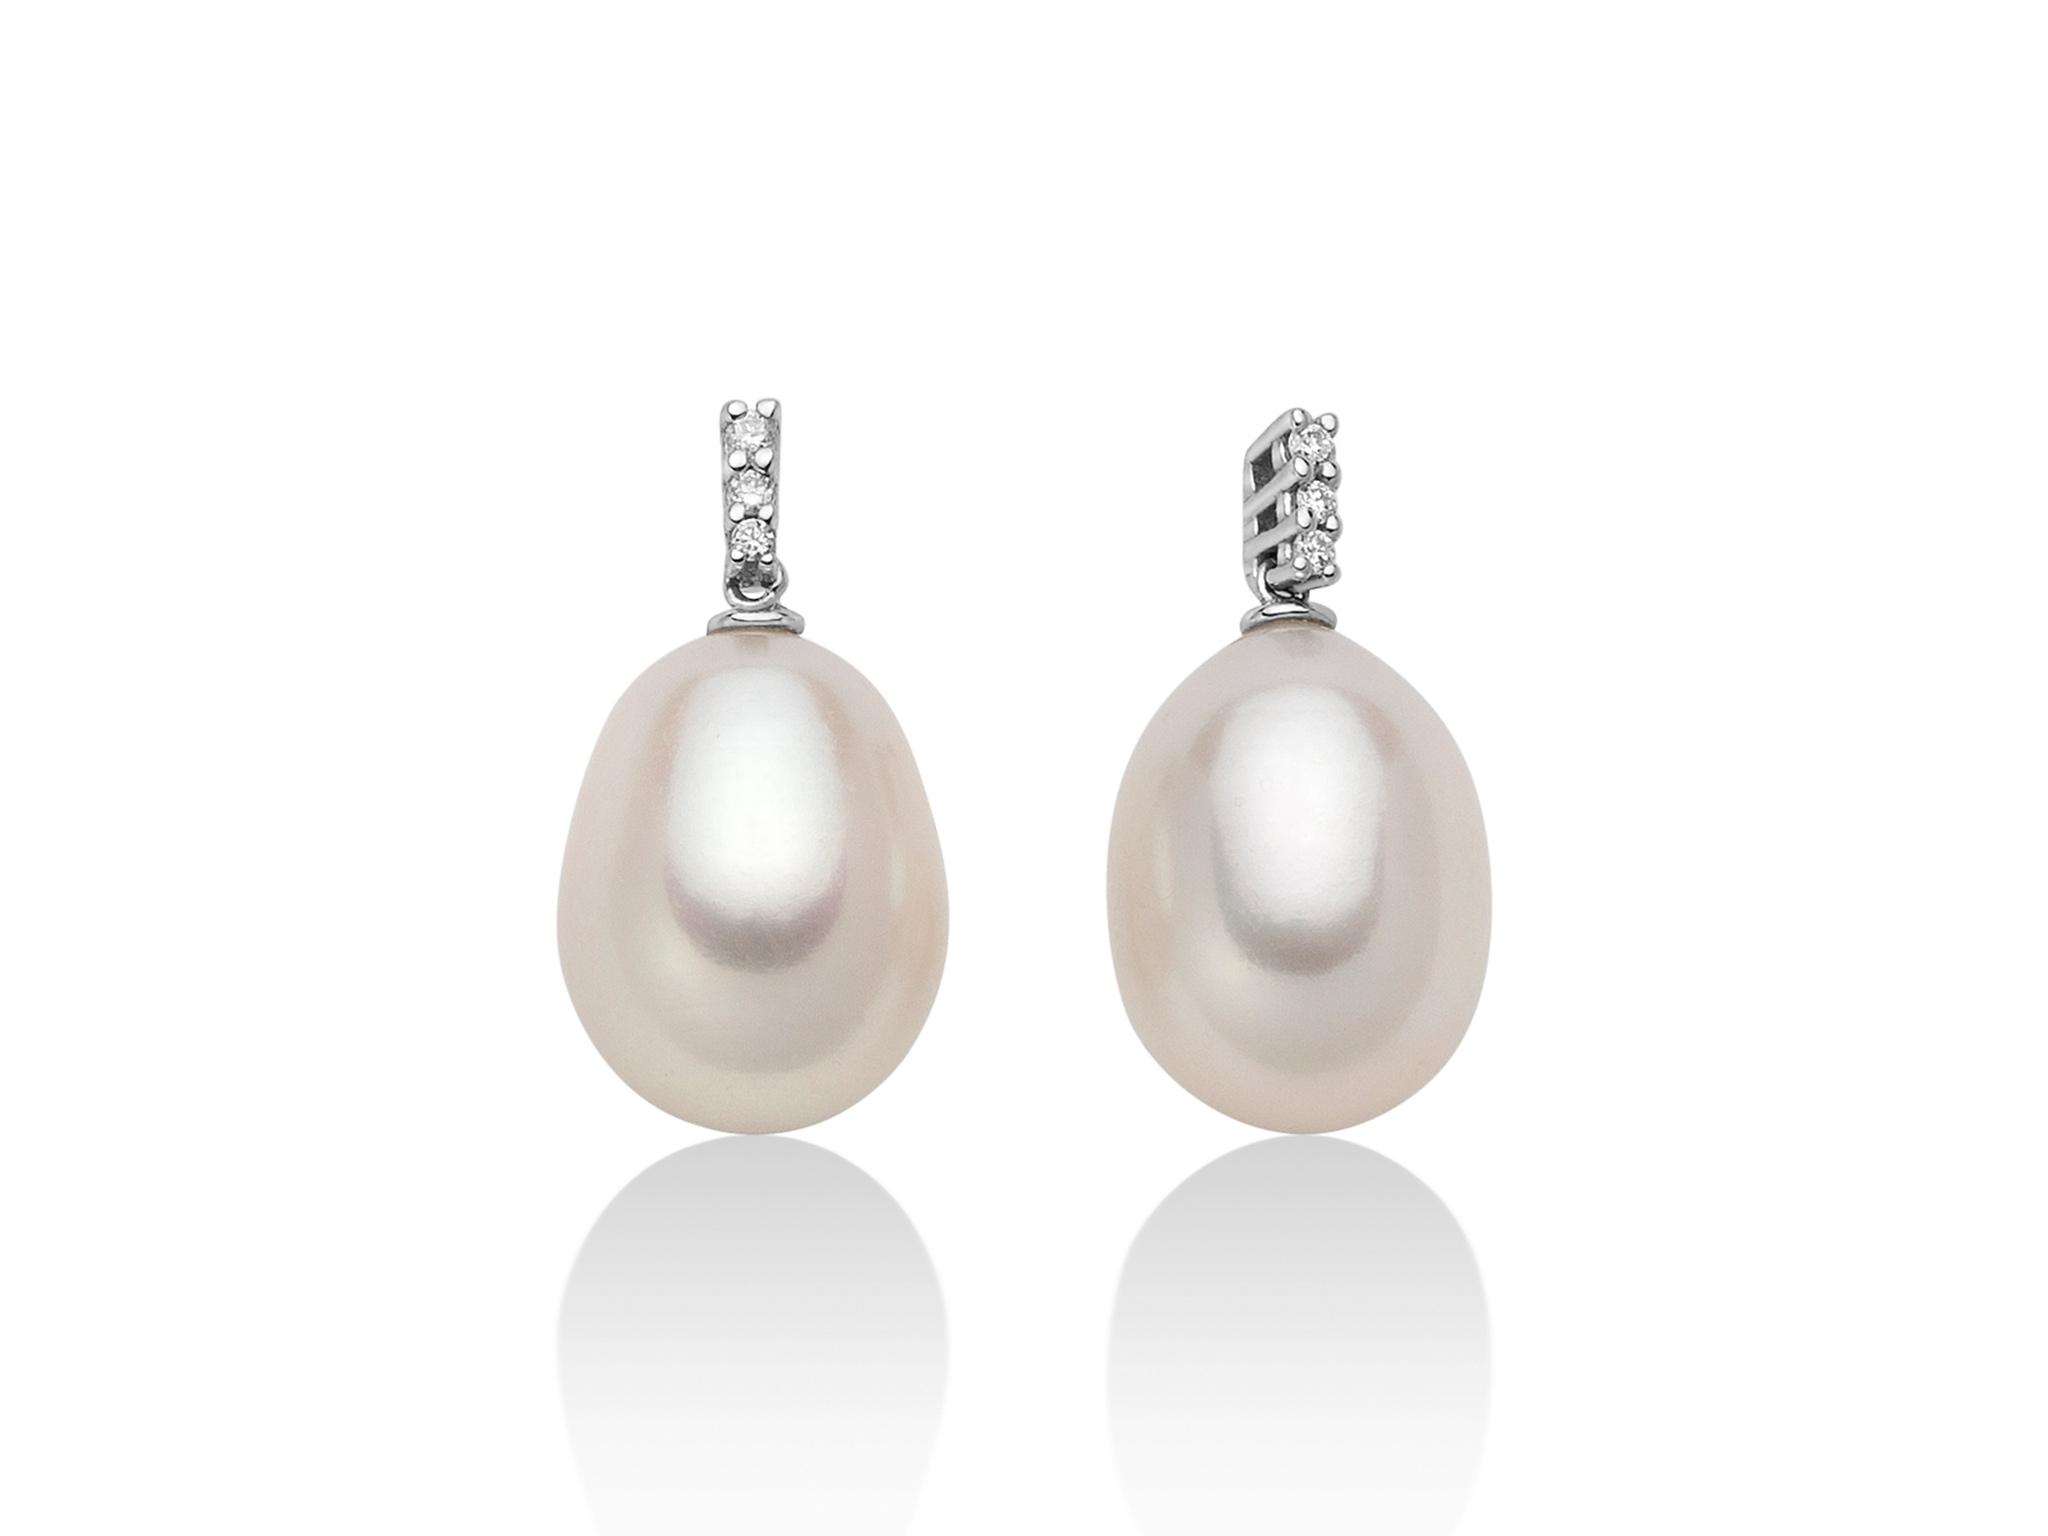 Orecchini in oro con perla Oriente a goccia - PER2102